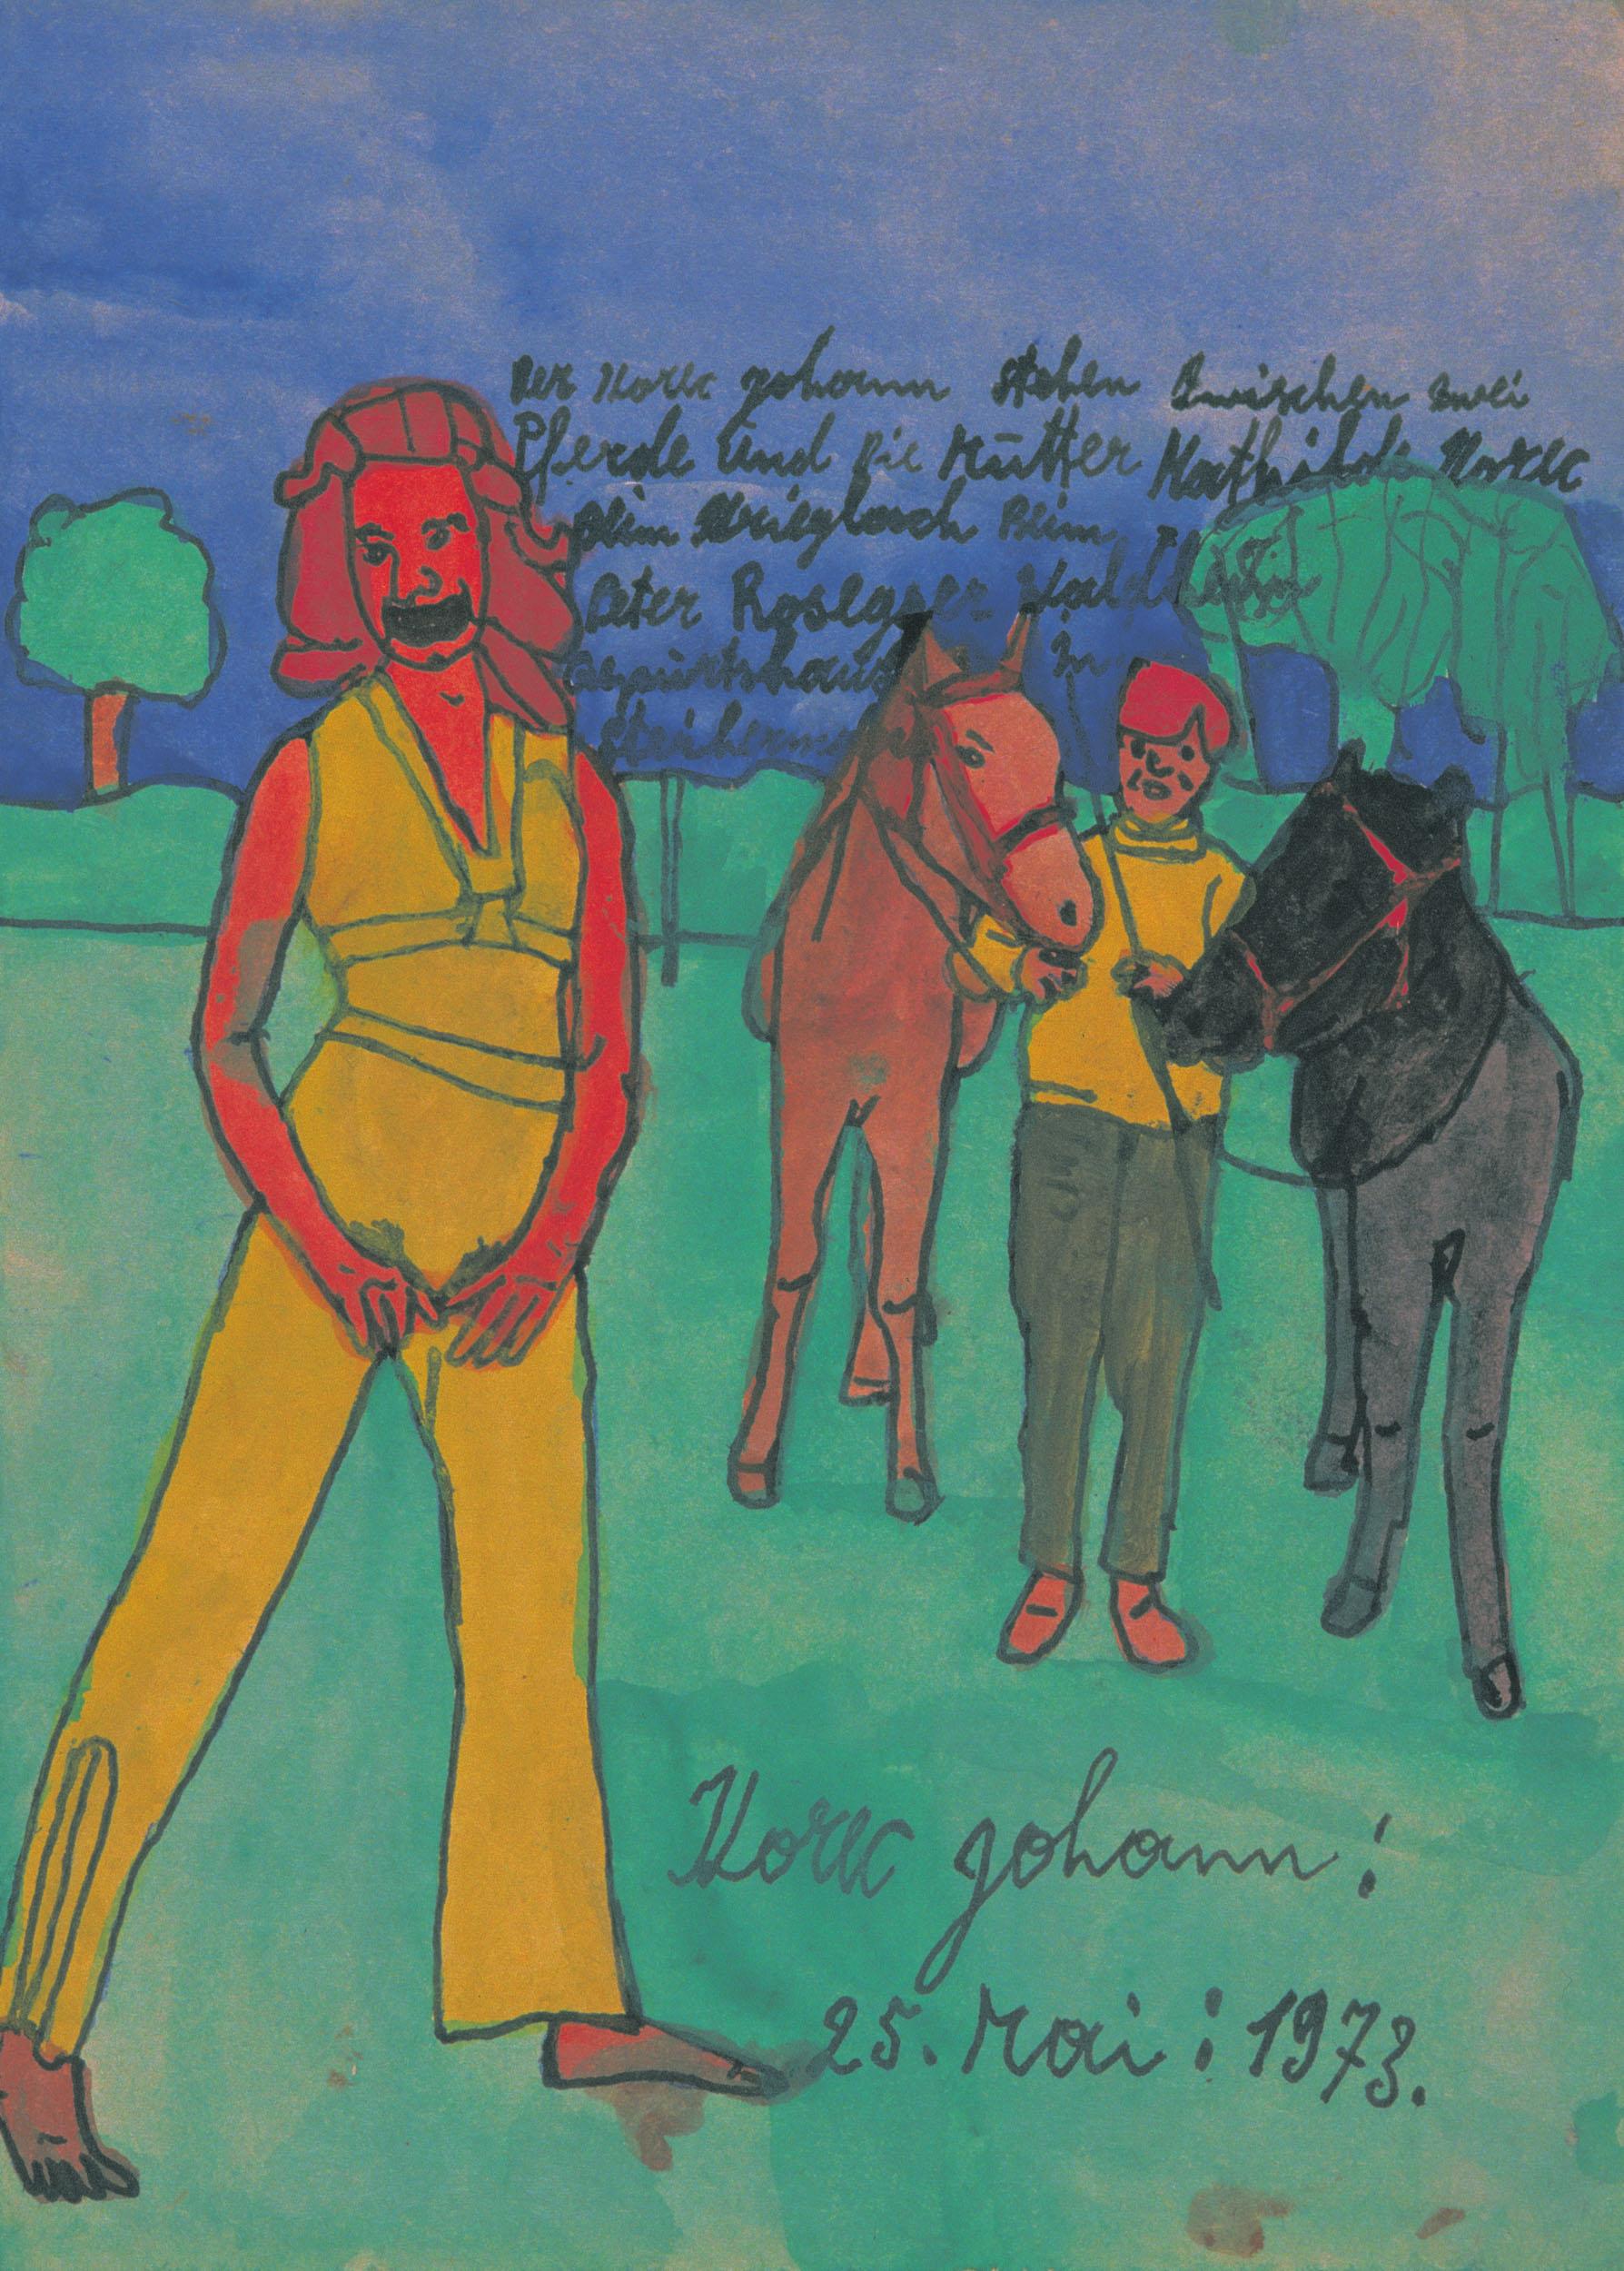 korec johann - Zwischen zwei Pferden / Between two horses